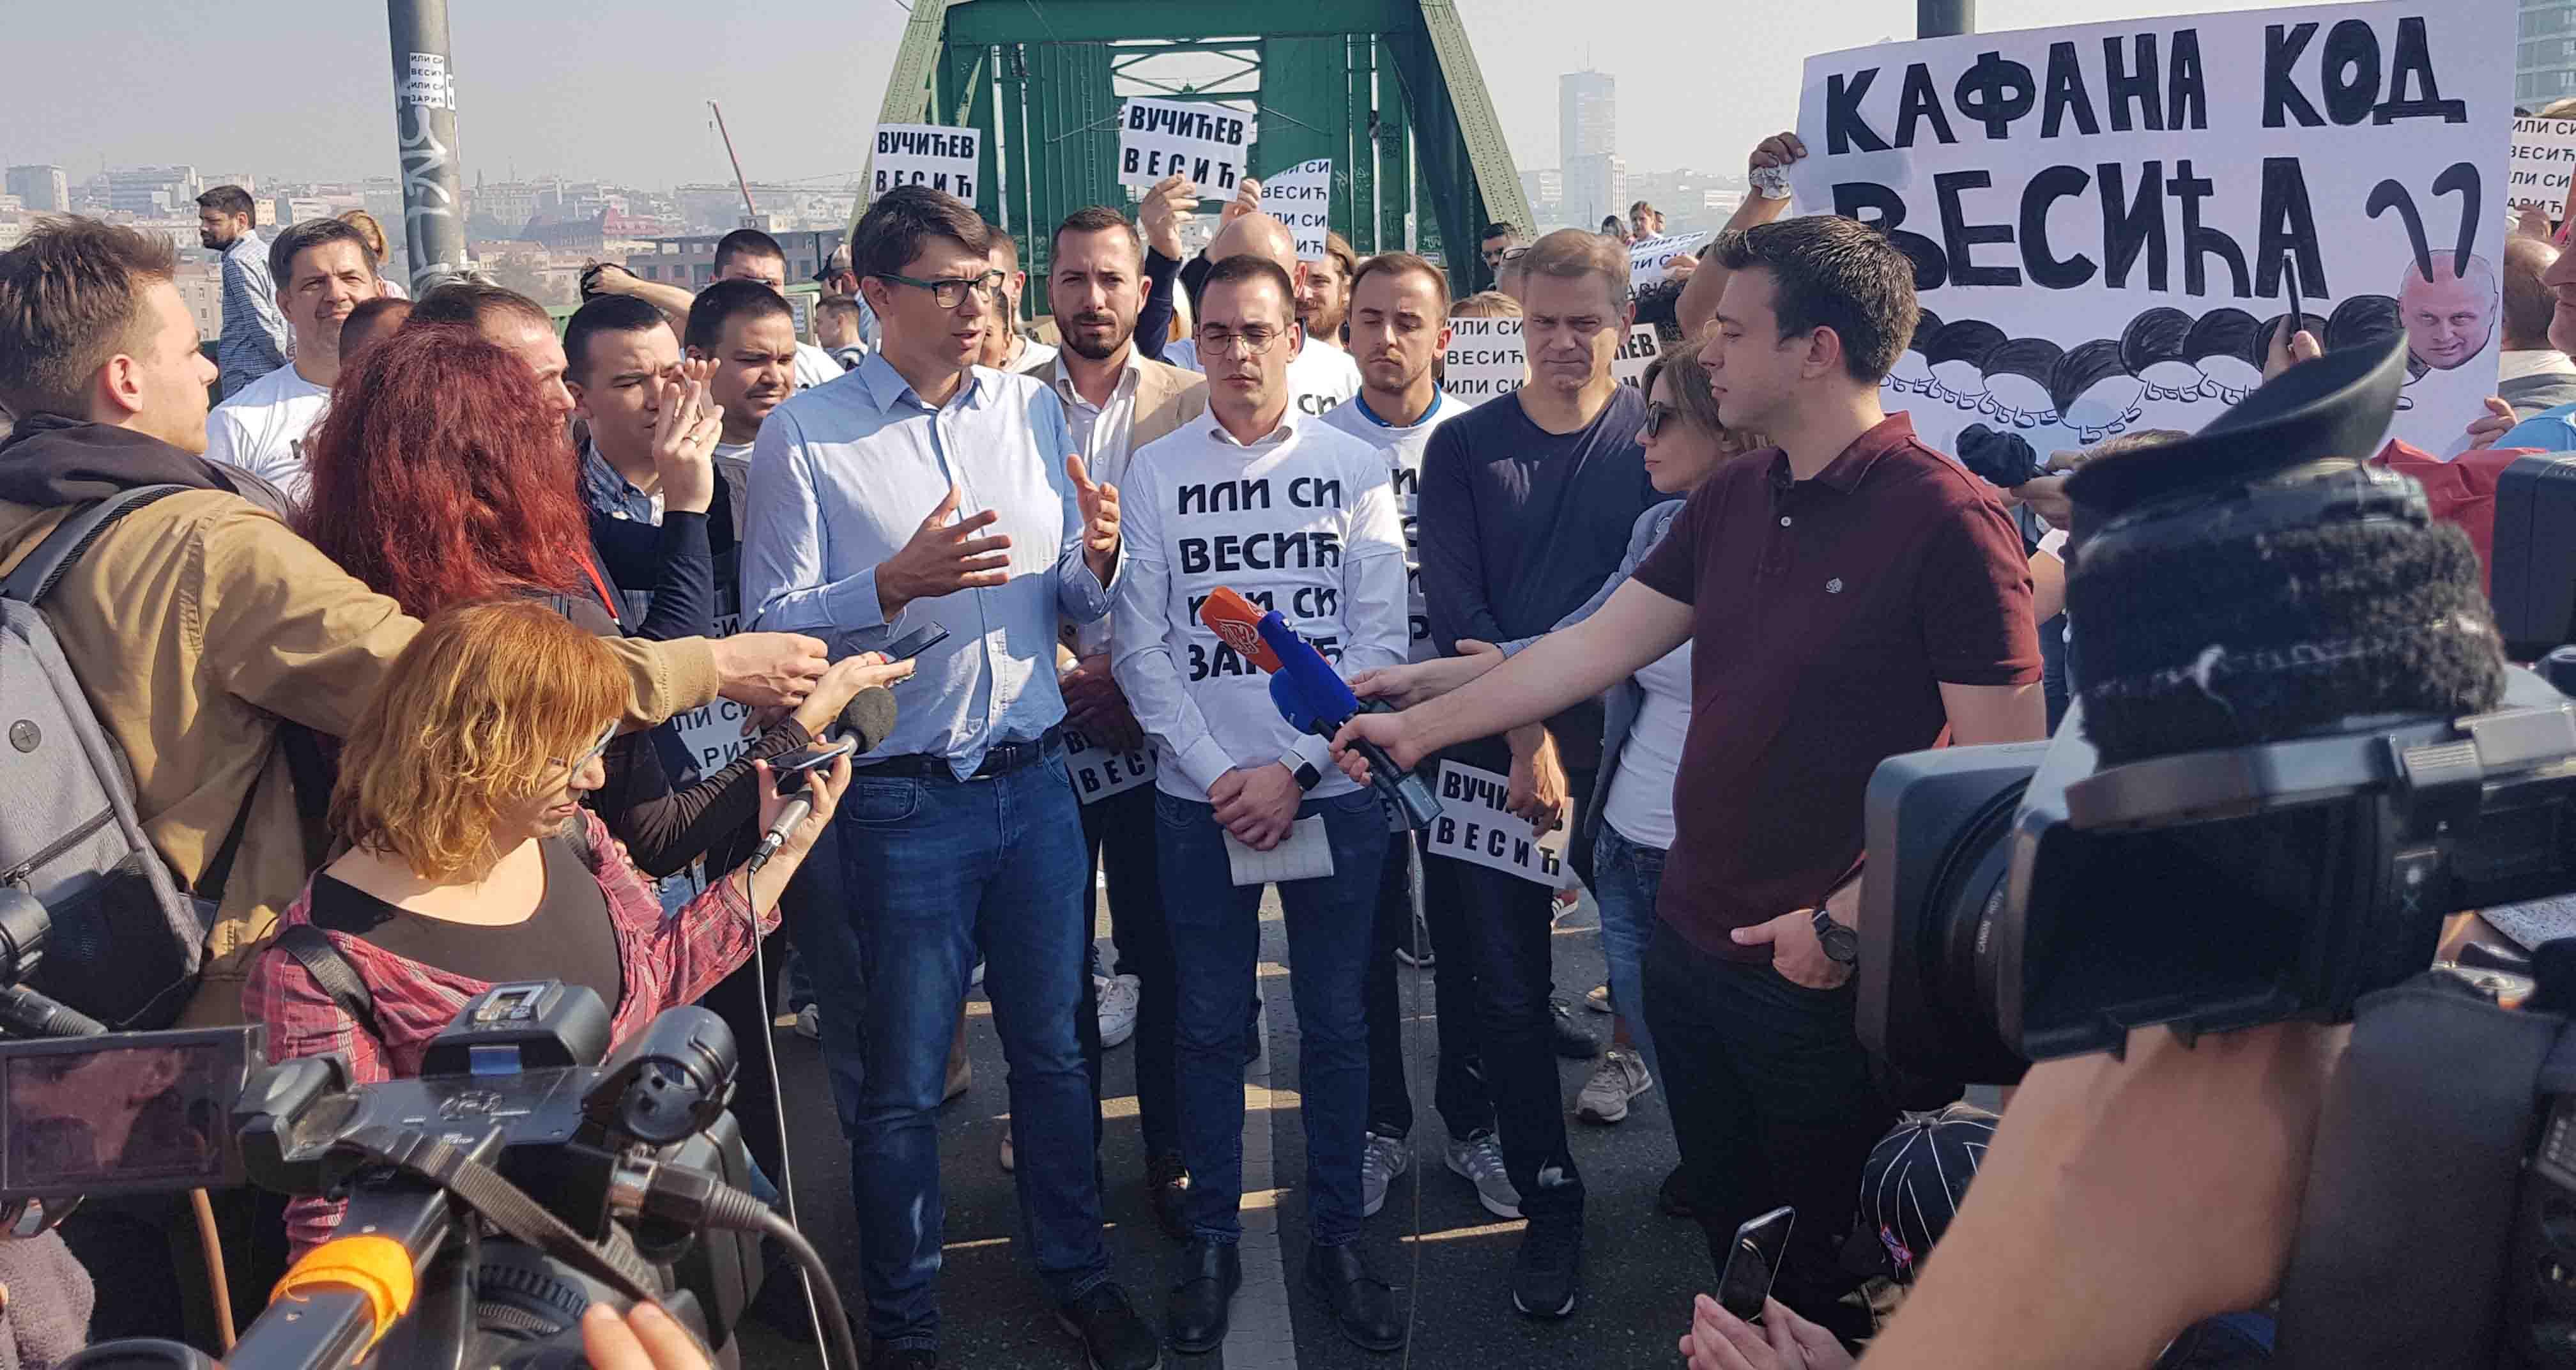 Јовановић: Рушење Савског моста значило би три године саобраћајног пакла у Београду